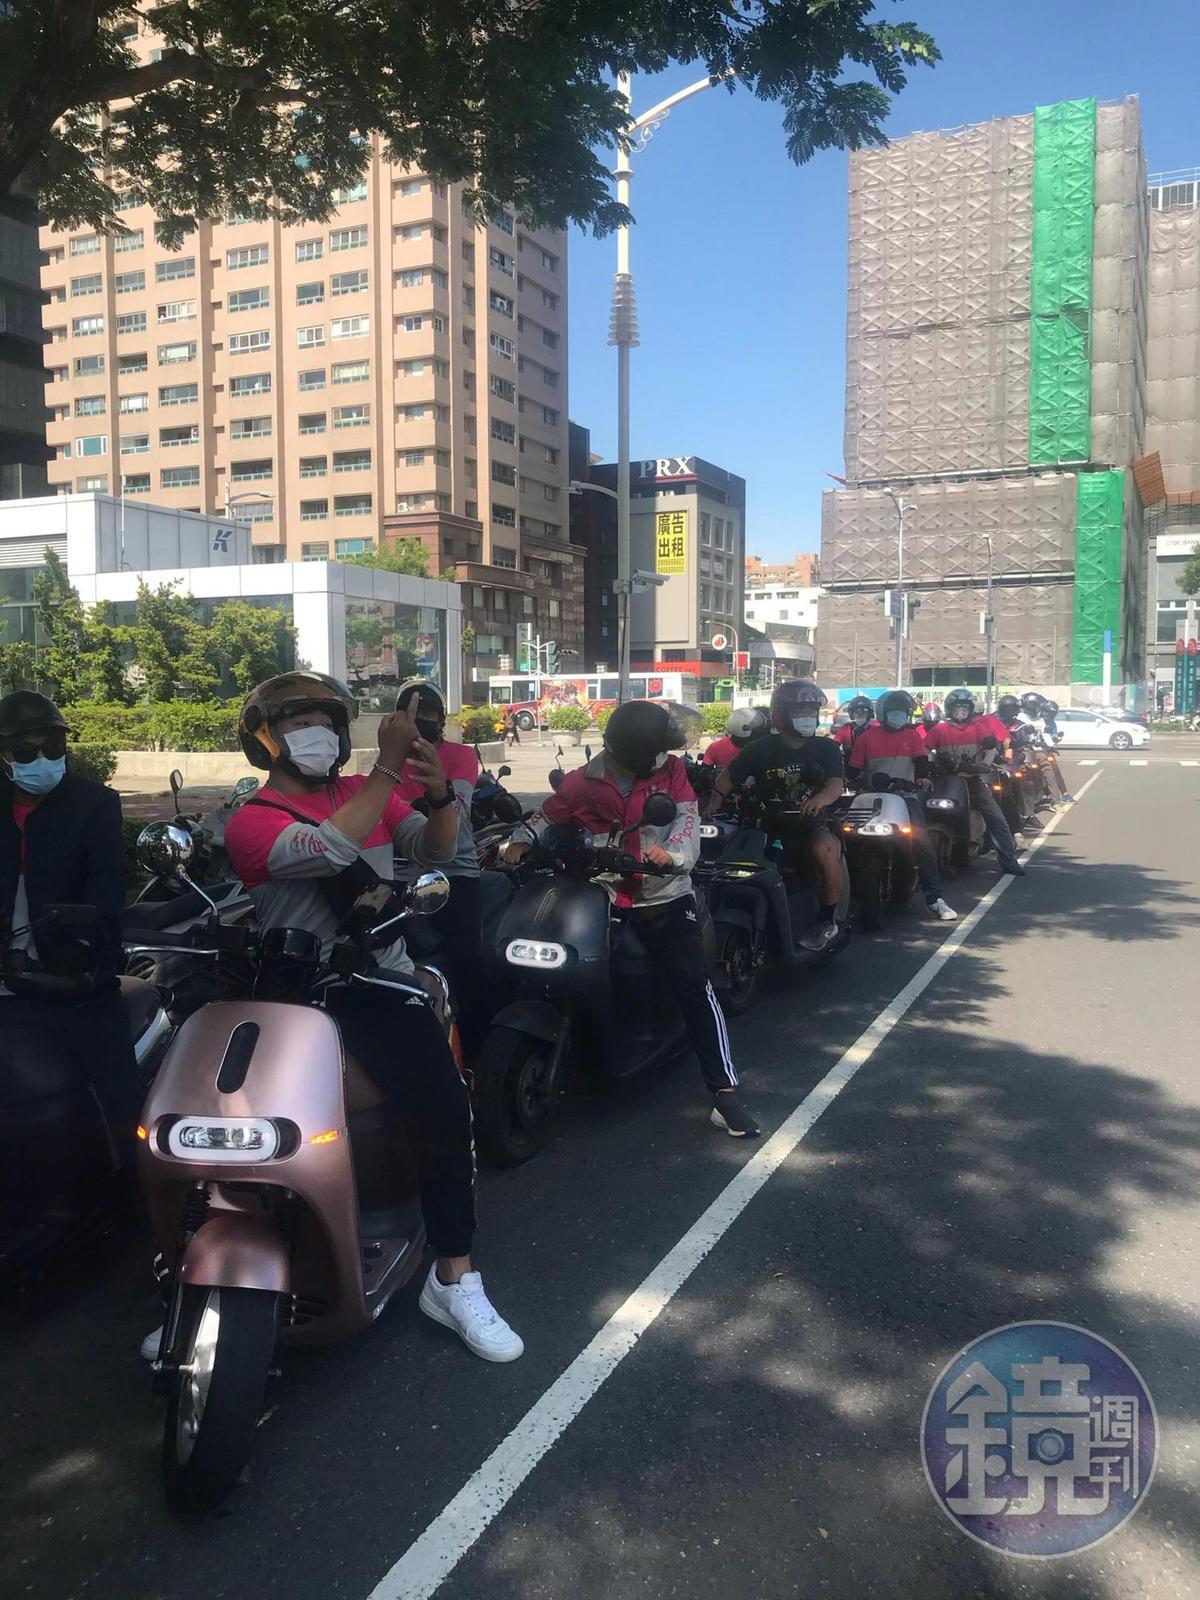 Gogoro業者未出面與抗議車主溝通,車主揚言不排除再上街抗議。(讀者提供)